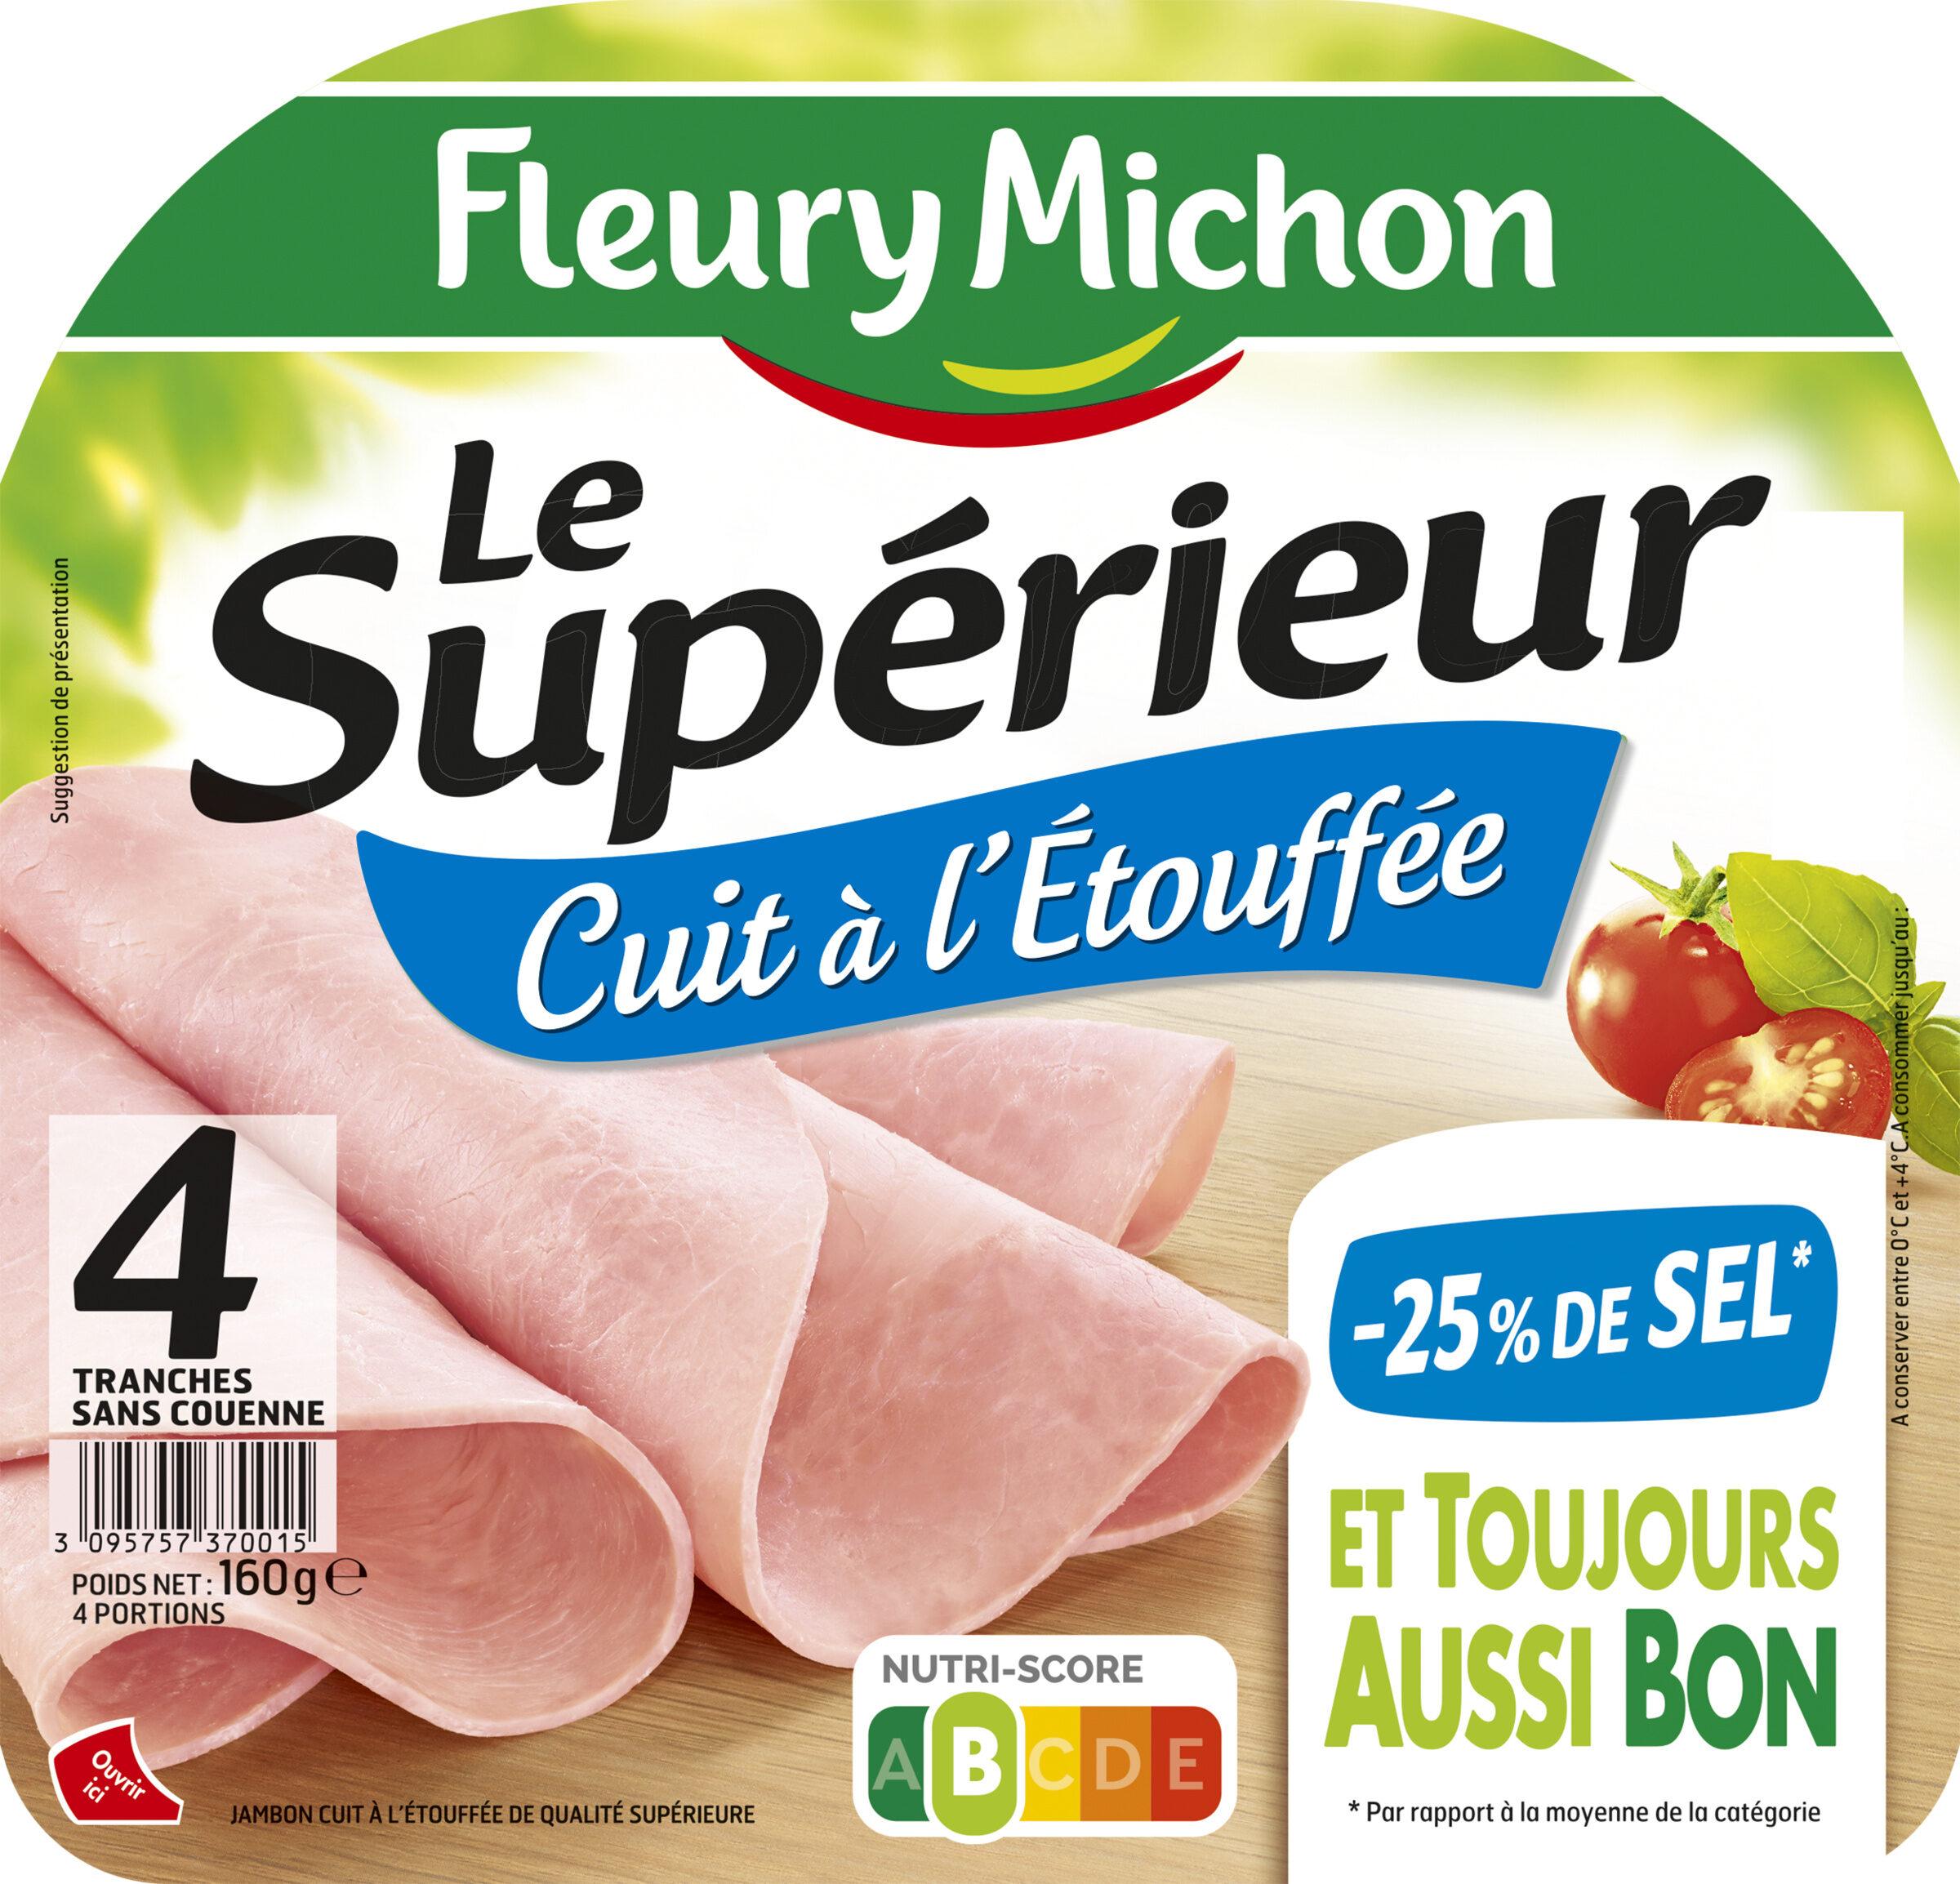 Le supérieur cuit à l'étouffée -25%  sel* - 4 tranches - Producto - fr